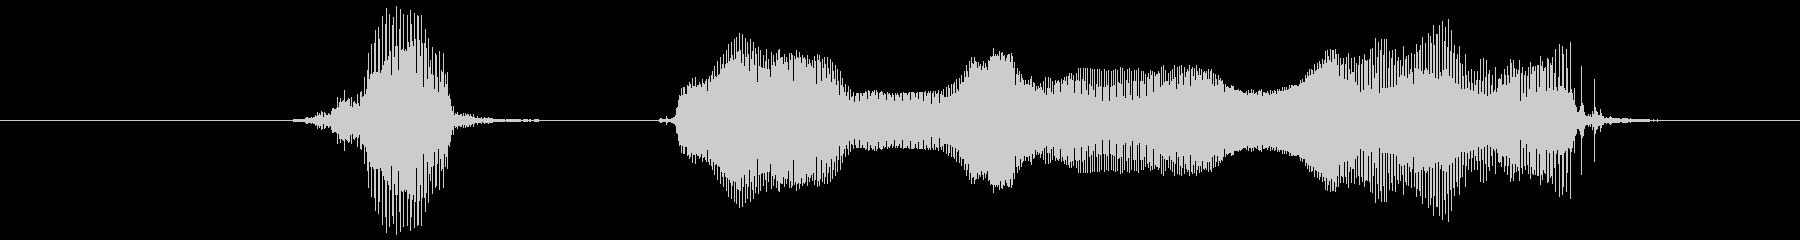 ハッピーニューイヤーの未再生の波形